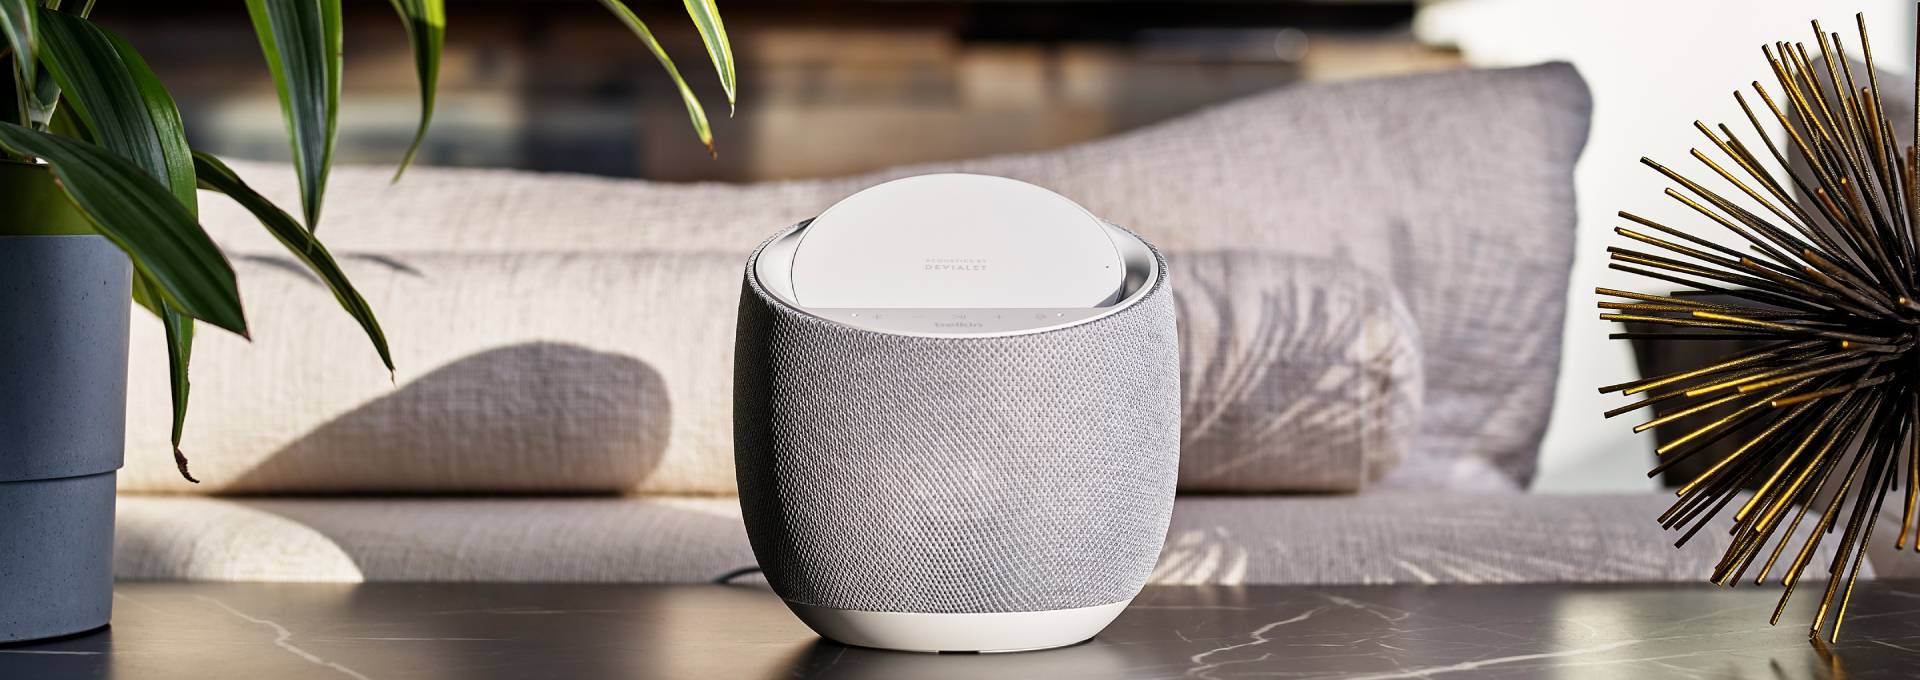 Belkin SOUNDFORM Smart Speaker passen in jeden Raum